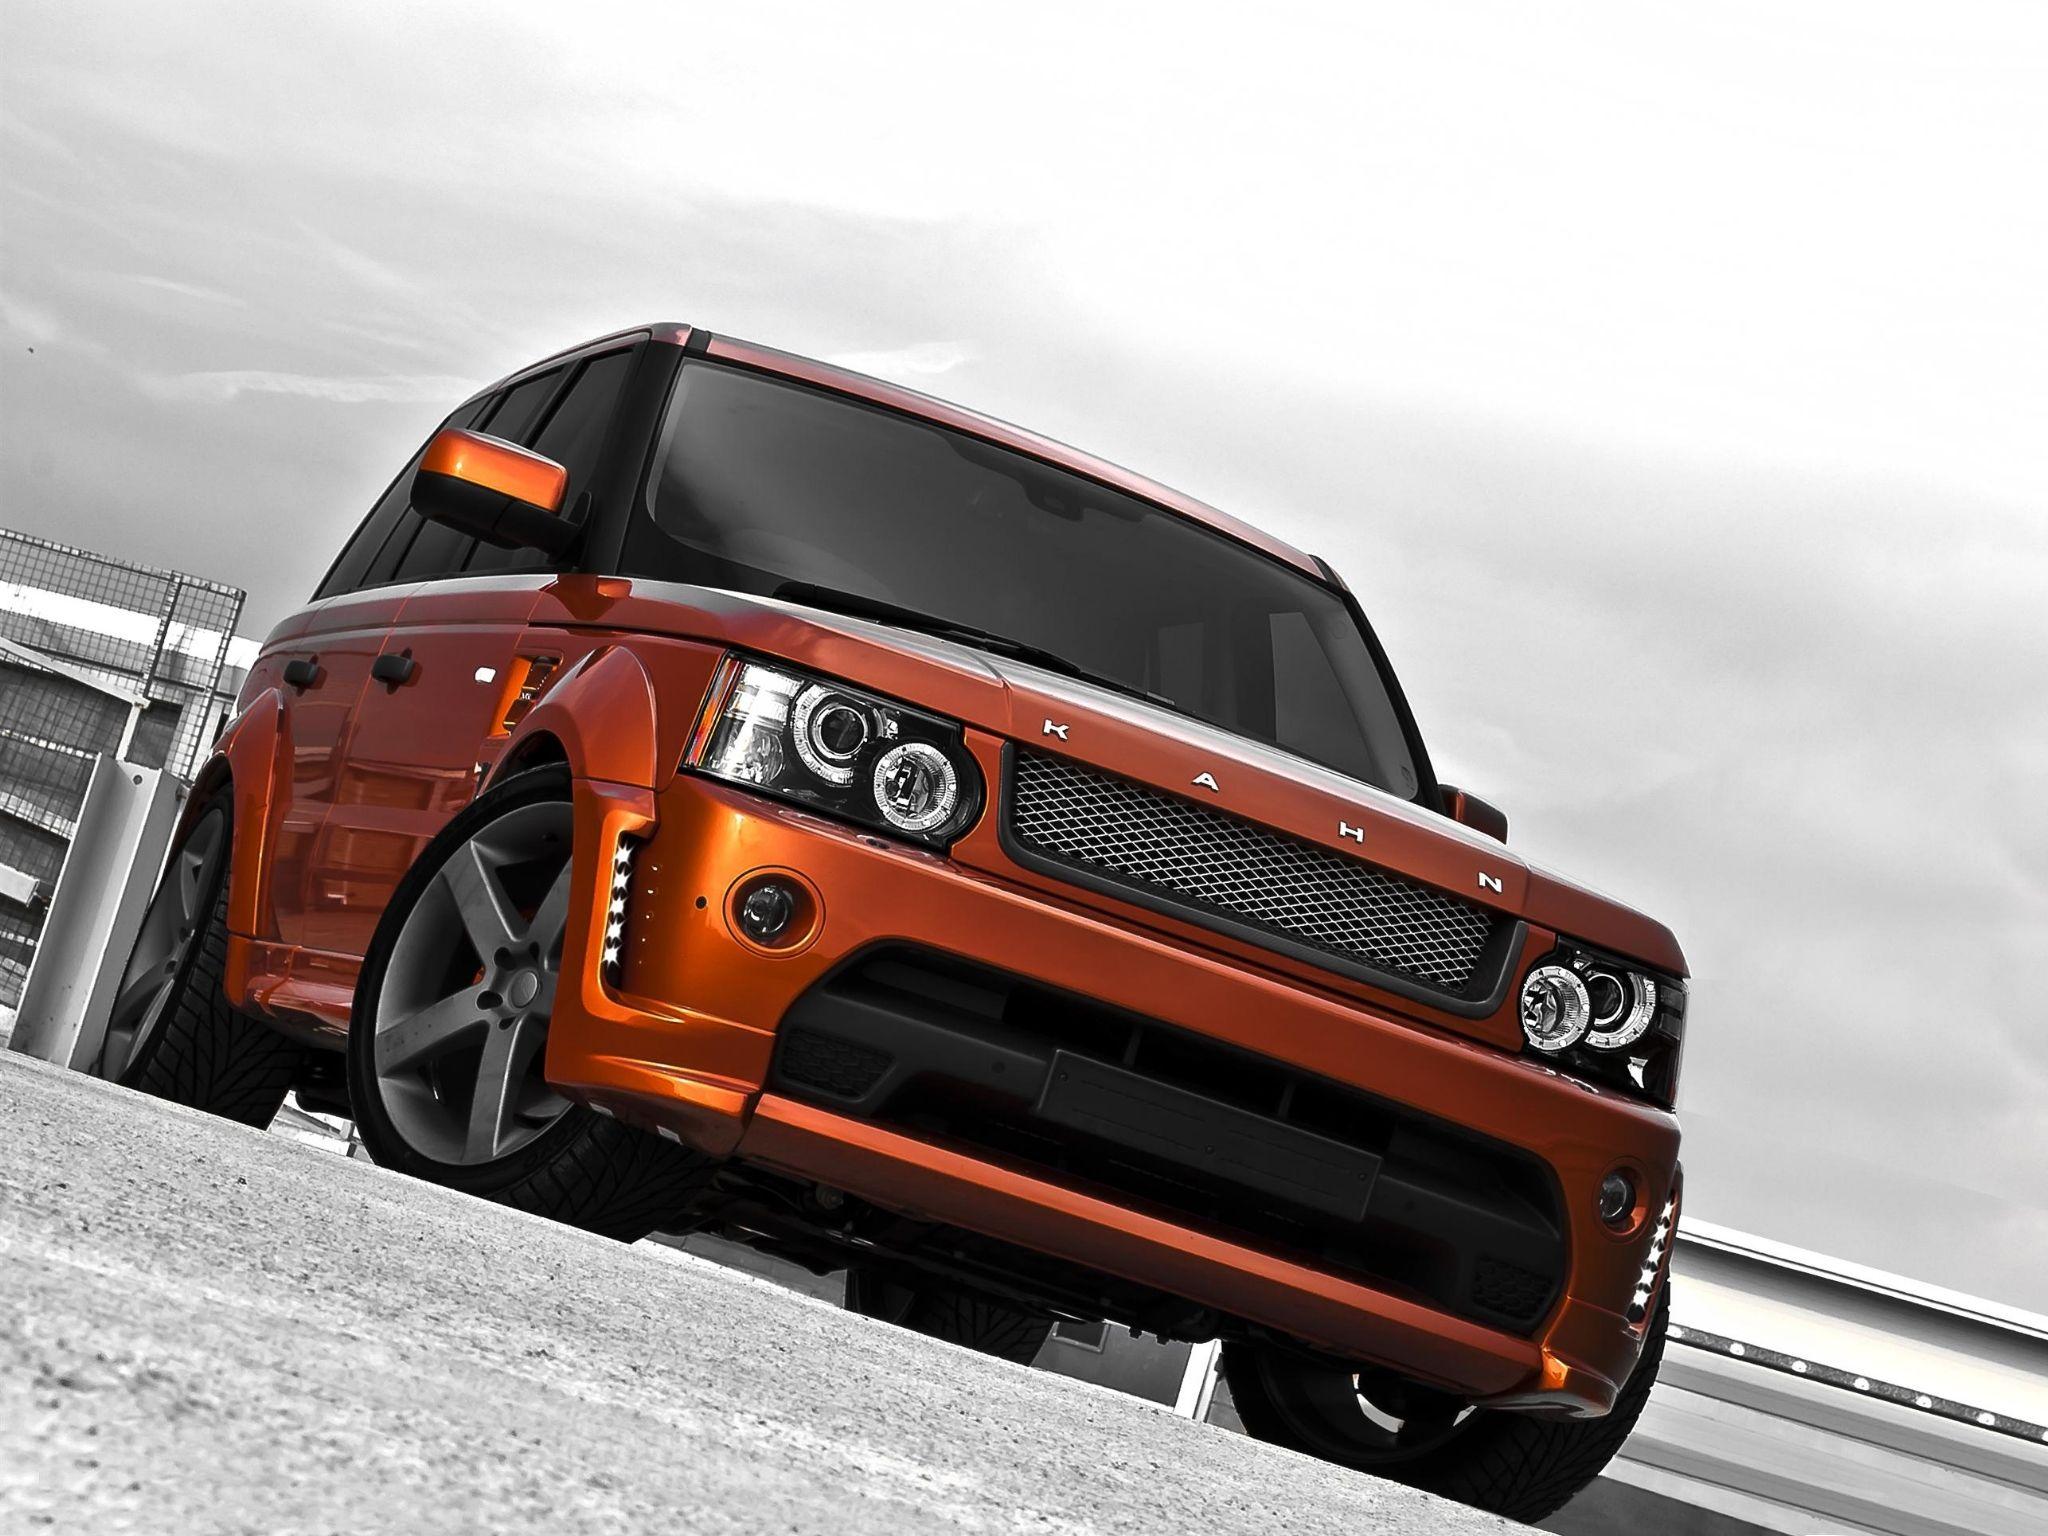 Land Rover Range Rover Sport Autos Y Motos Autos Motos